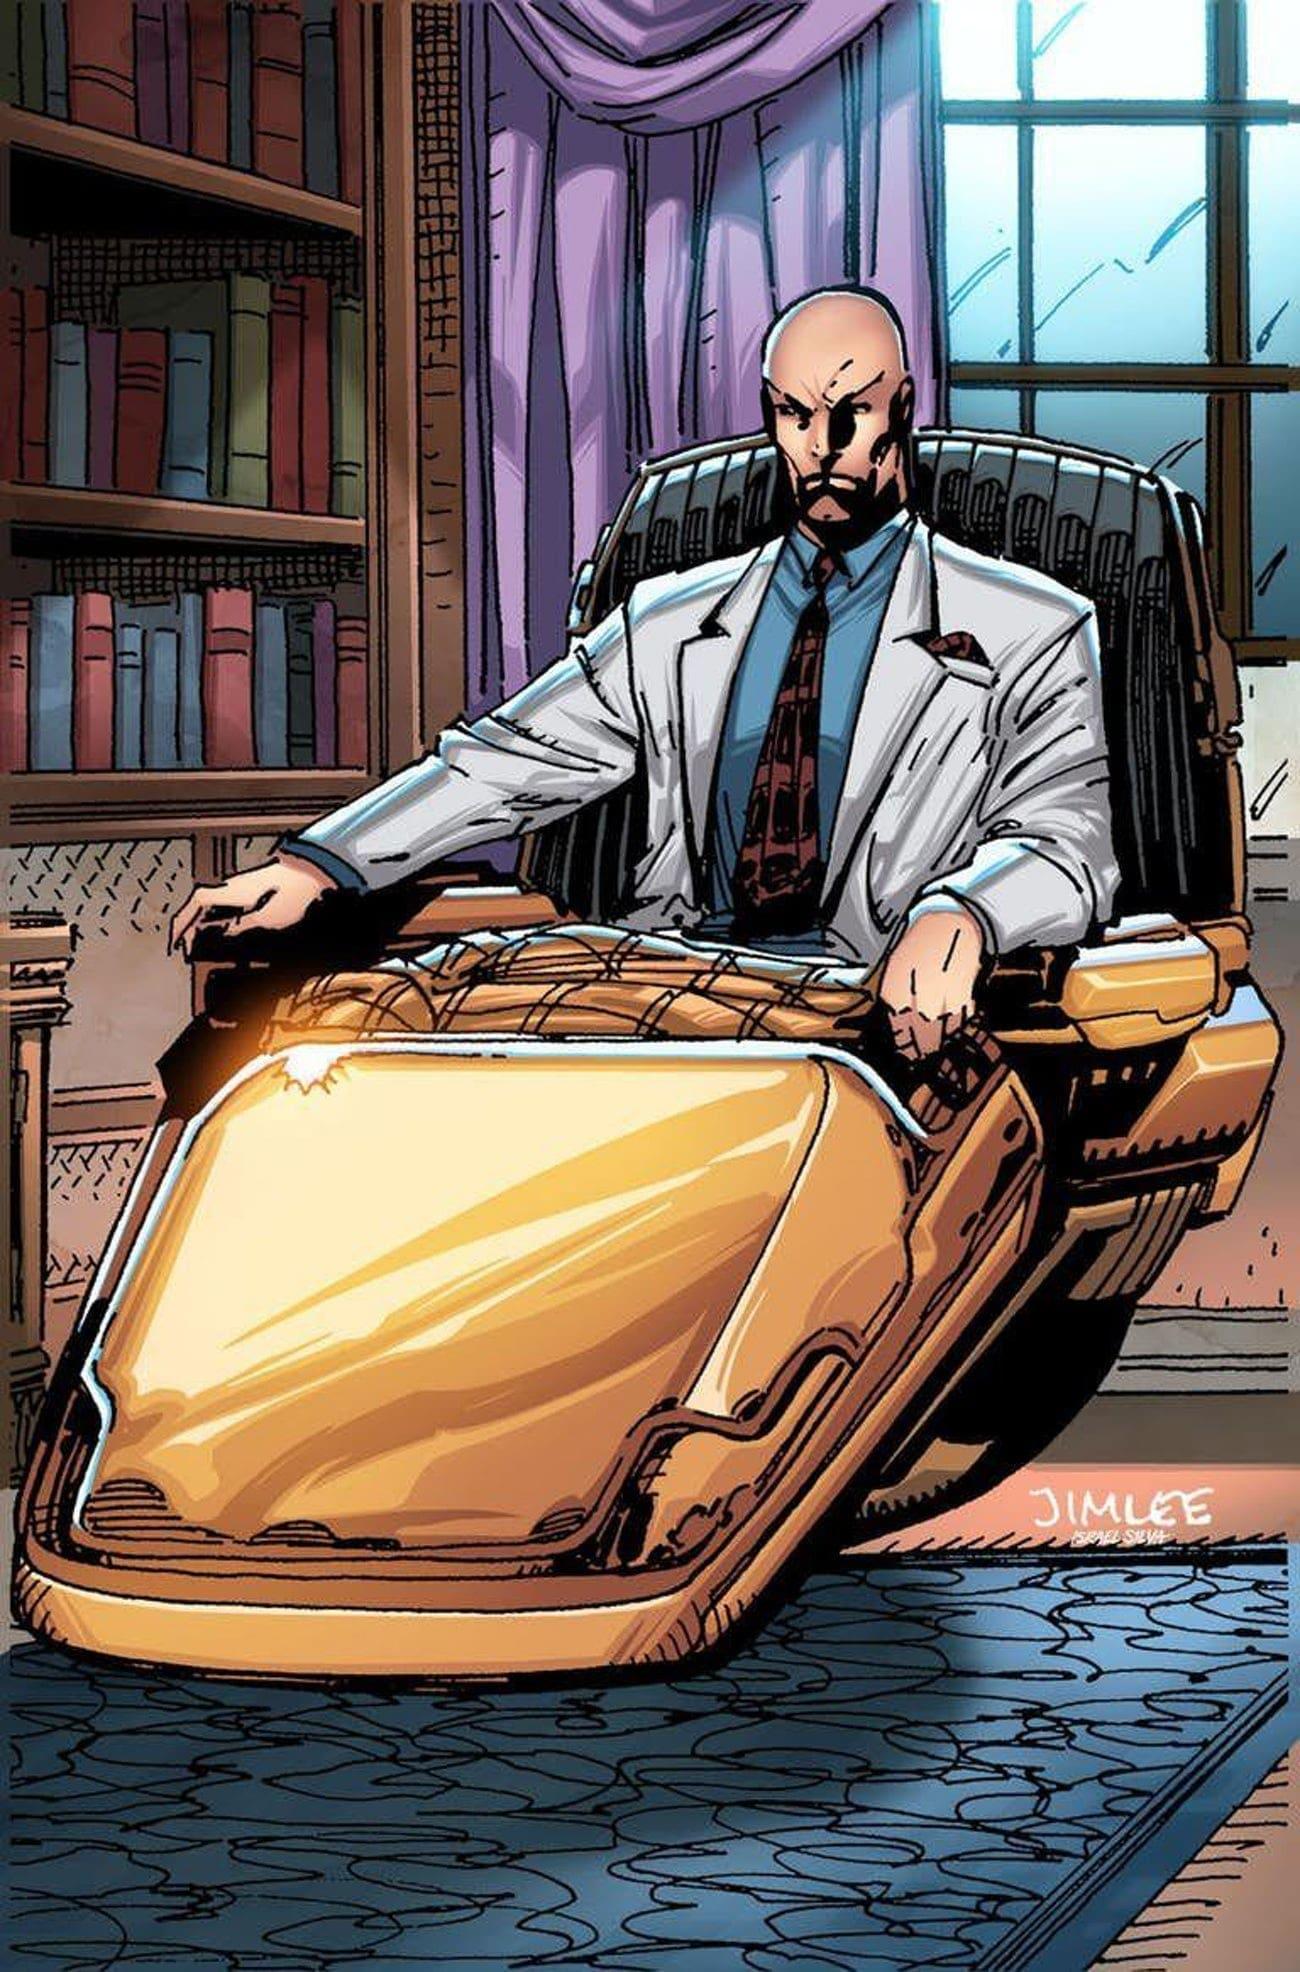 Профессор X занесен (или занимает) 1 место в списке 13 супергероев и злодеев, которые, казалось бы, инвалиды